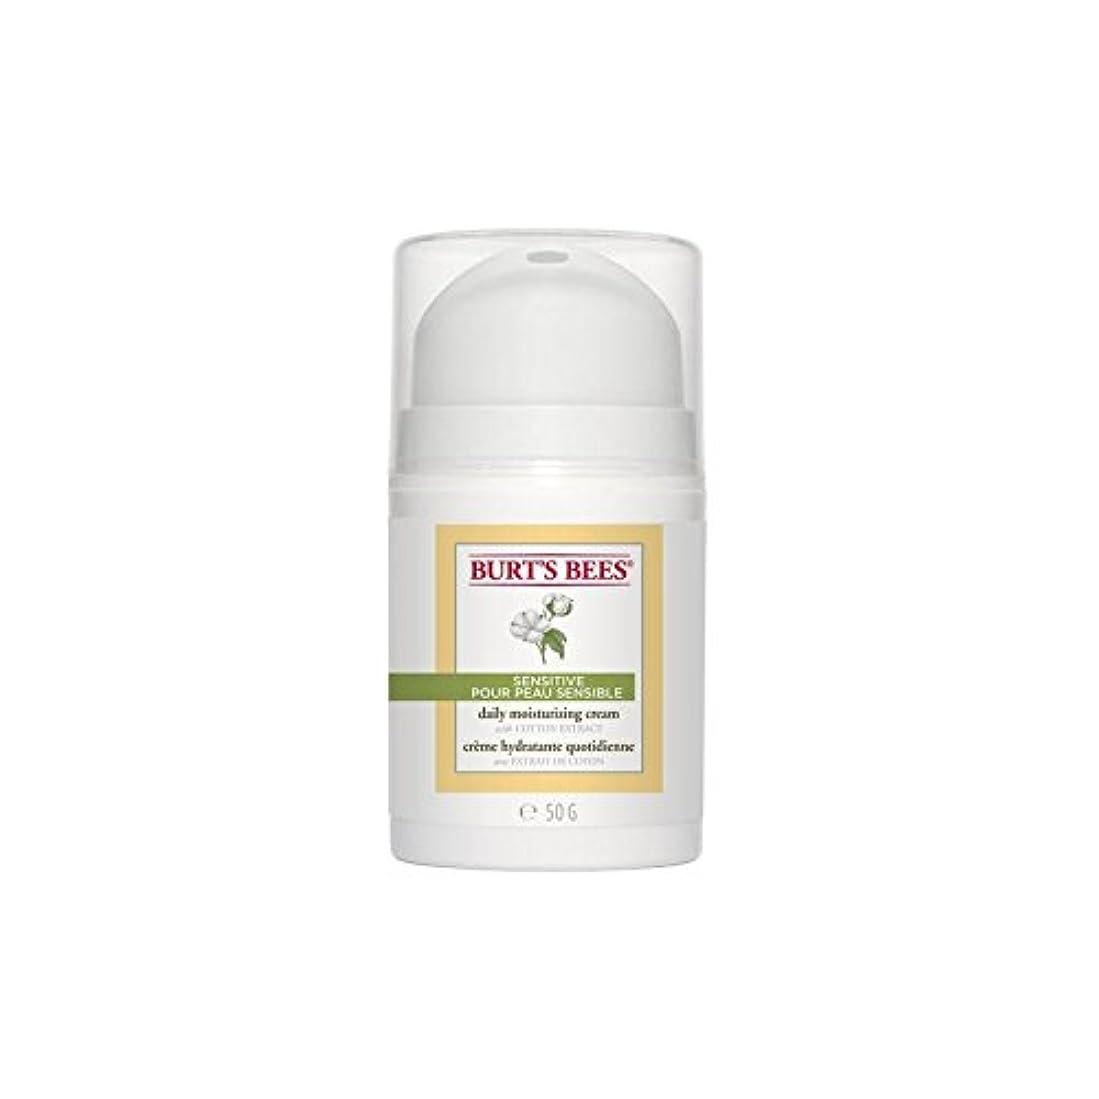 自慢強風想像力バーツビー敏感毎日保湿クリーム50グラム x2 - Burt's Bees Sensitive Daily Moisturising Cream 50G (Pack of 2) [並行輸入品]